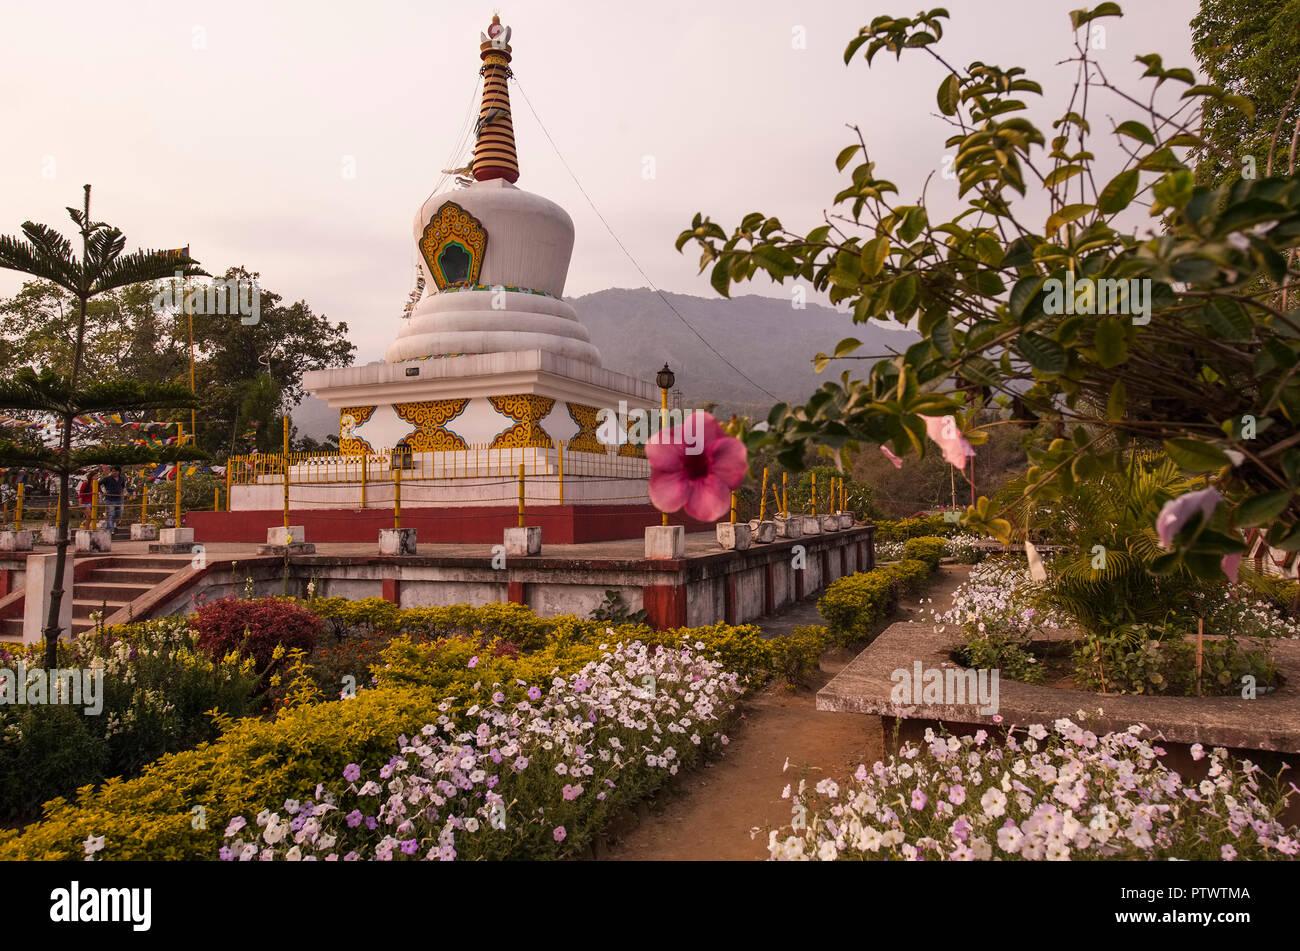 itanagar,buddhist gumpha,arunachal pradesh,in a flower garden,on top